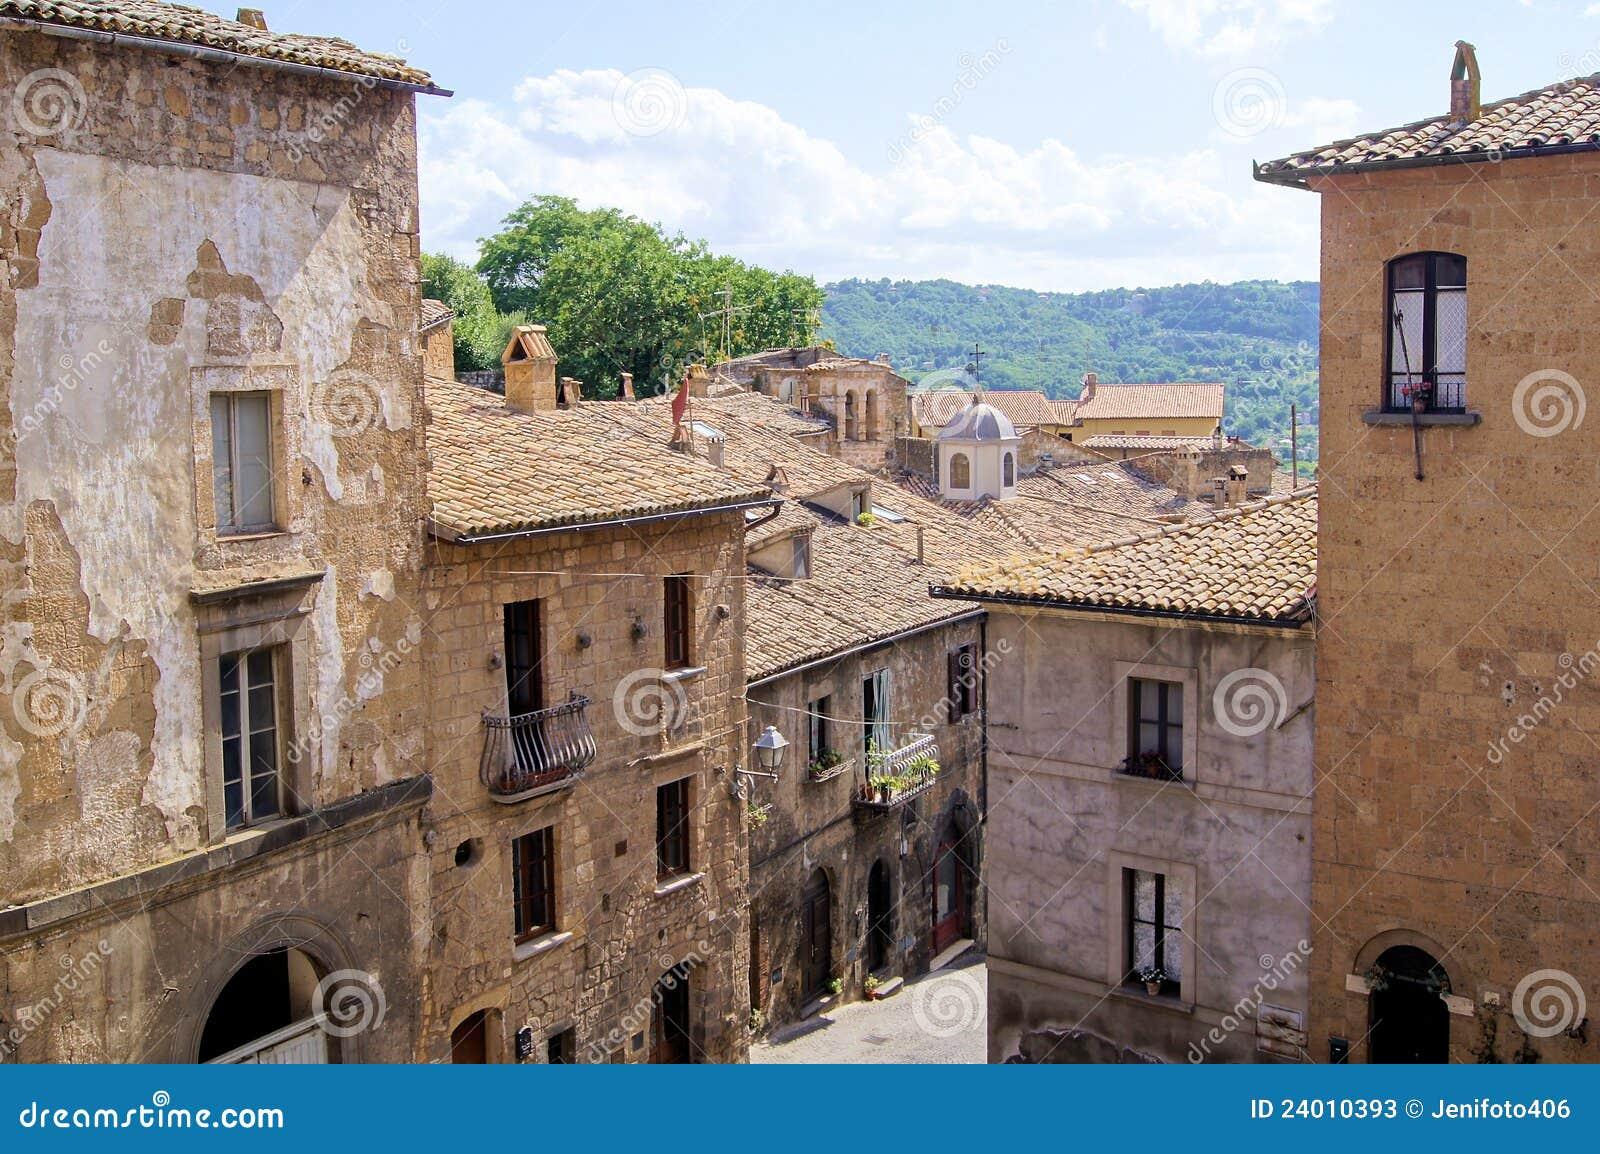 石头城镇意大利中世纪orvieto大厦小山.柯迪亚克1.8和冠道1.5图片